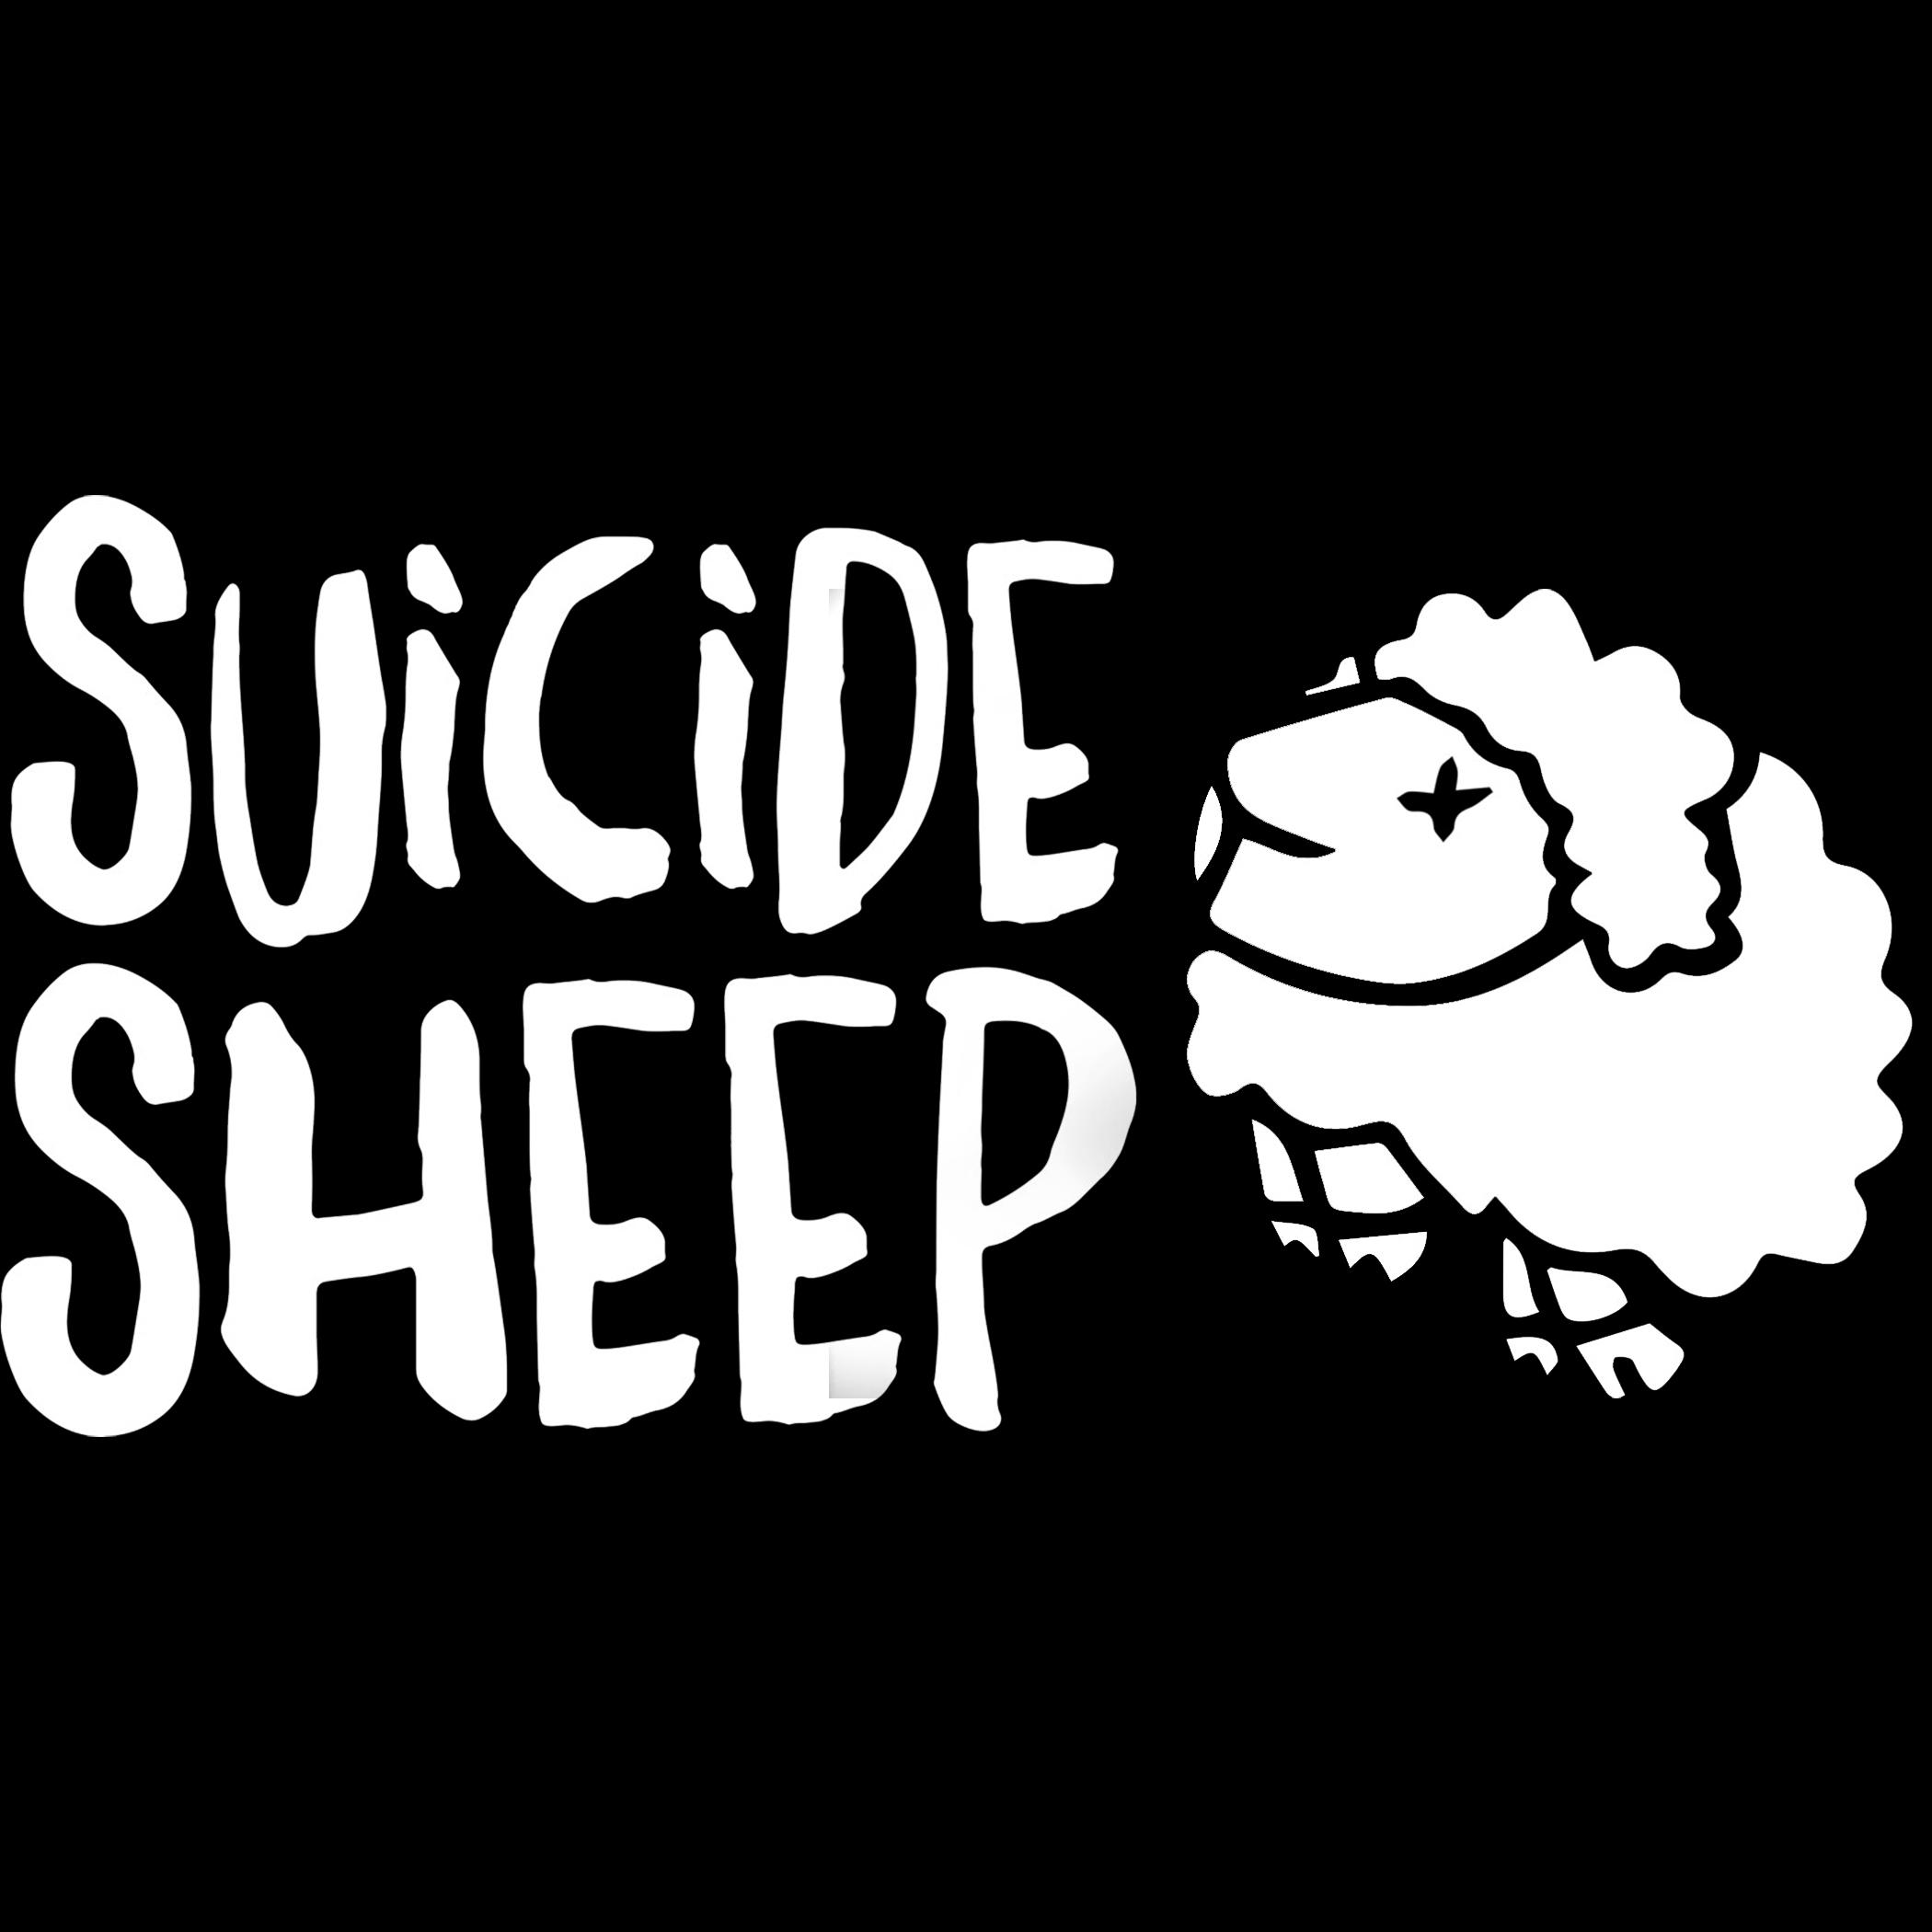 suicidesheep.jpg